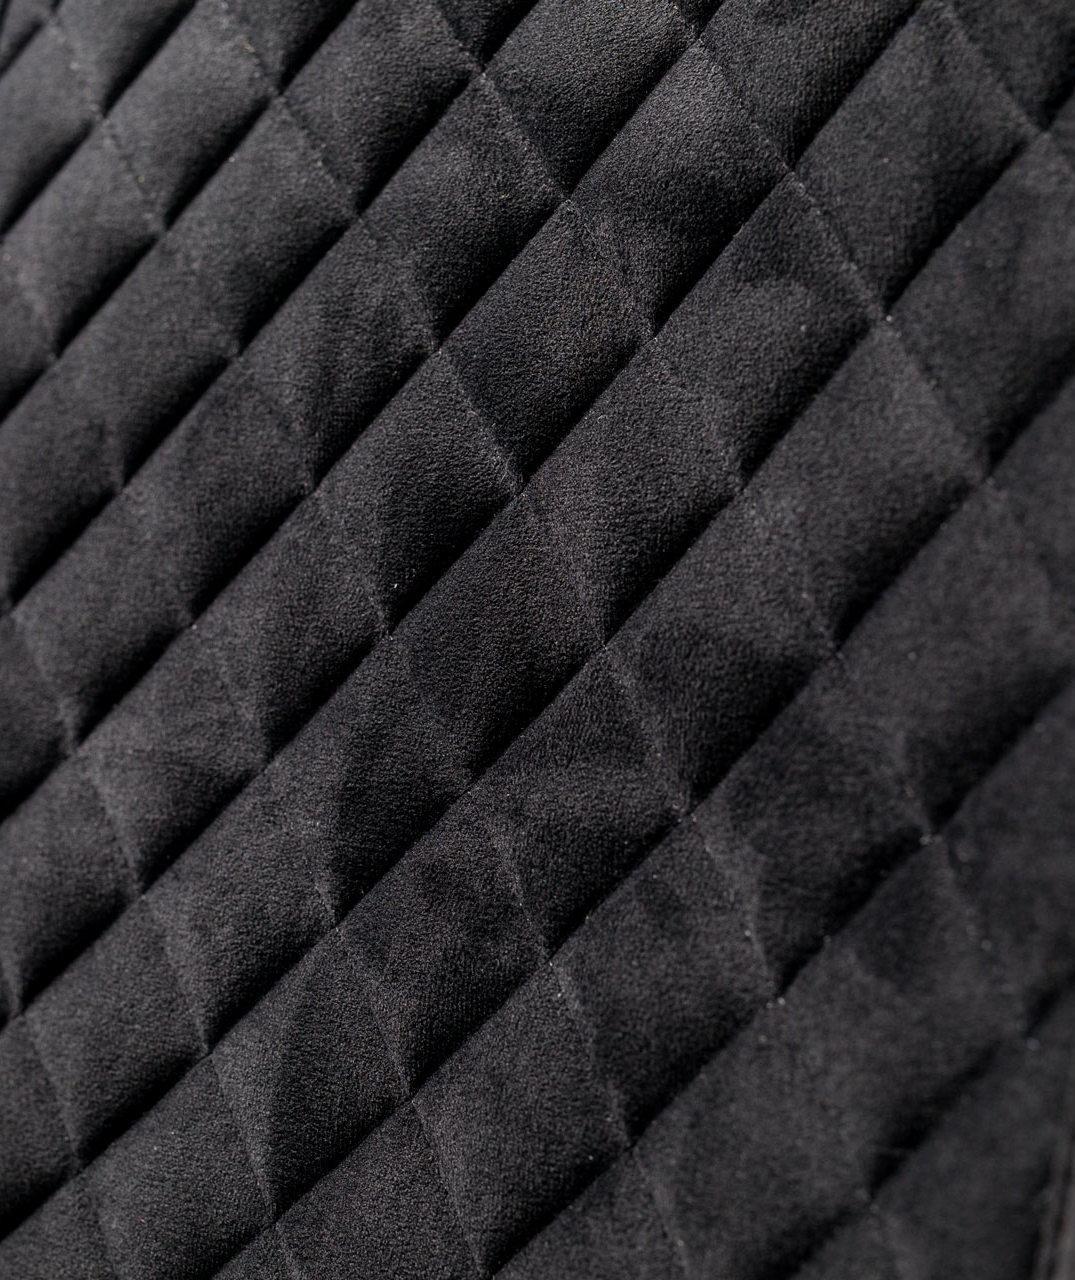 Накидки чехлы на сидения автомобиля из Алькантары Эко-замша задние универсальные защитные авточехлы Черные - фото 5